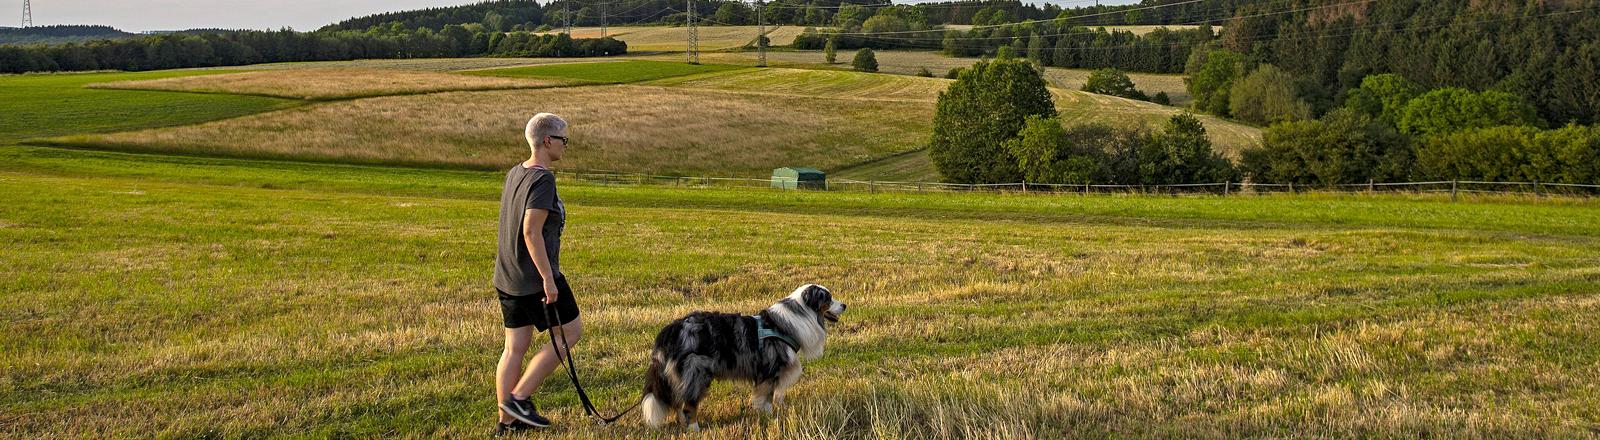 Sommer im Siegerland, Landschaft bei Siegen-Oberschelden an einem lauen Sommerabend, eine Frau geht mit ihrem Hund spazieren